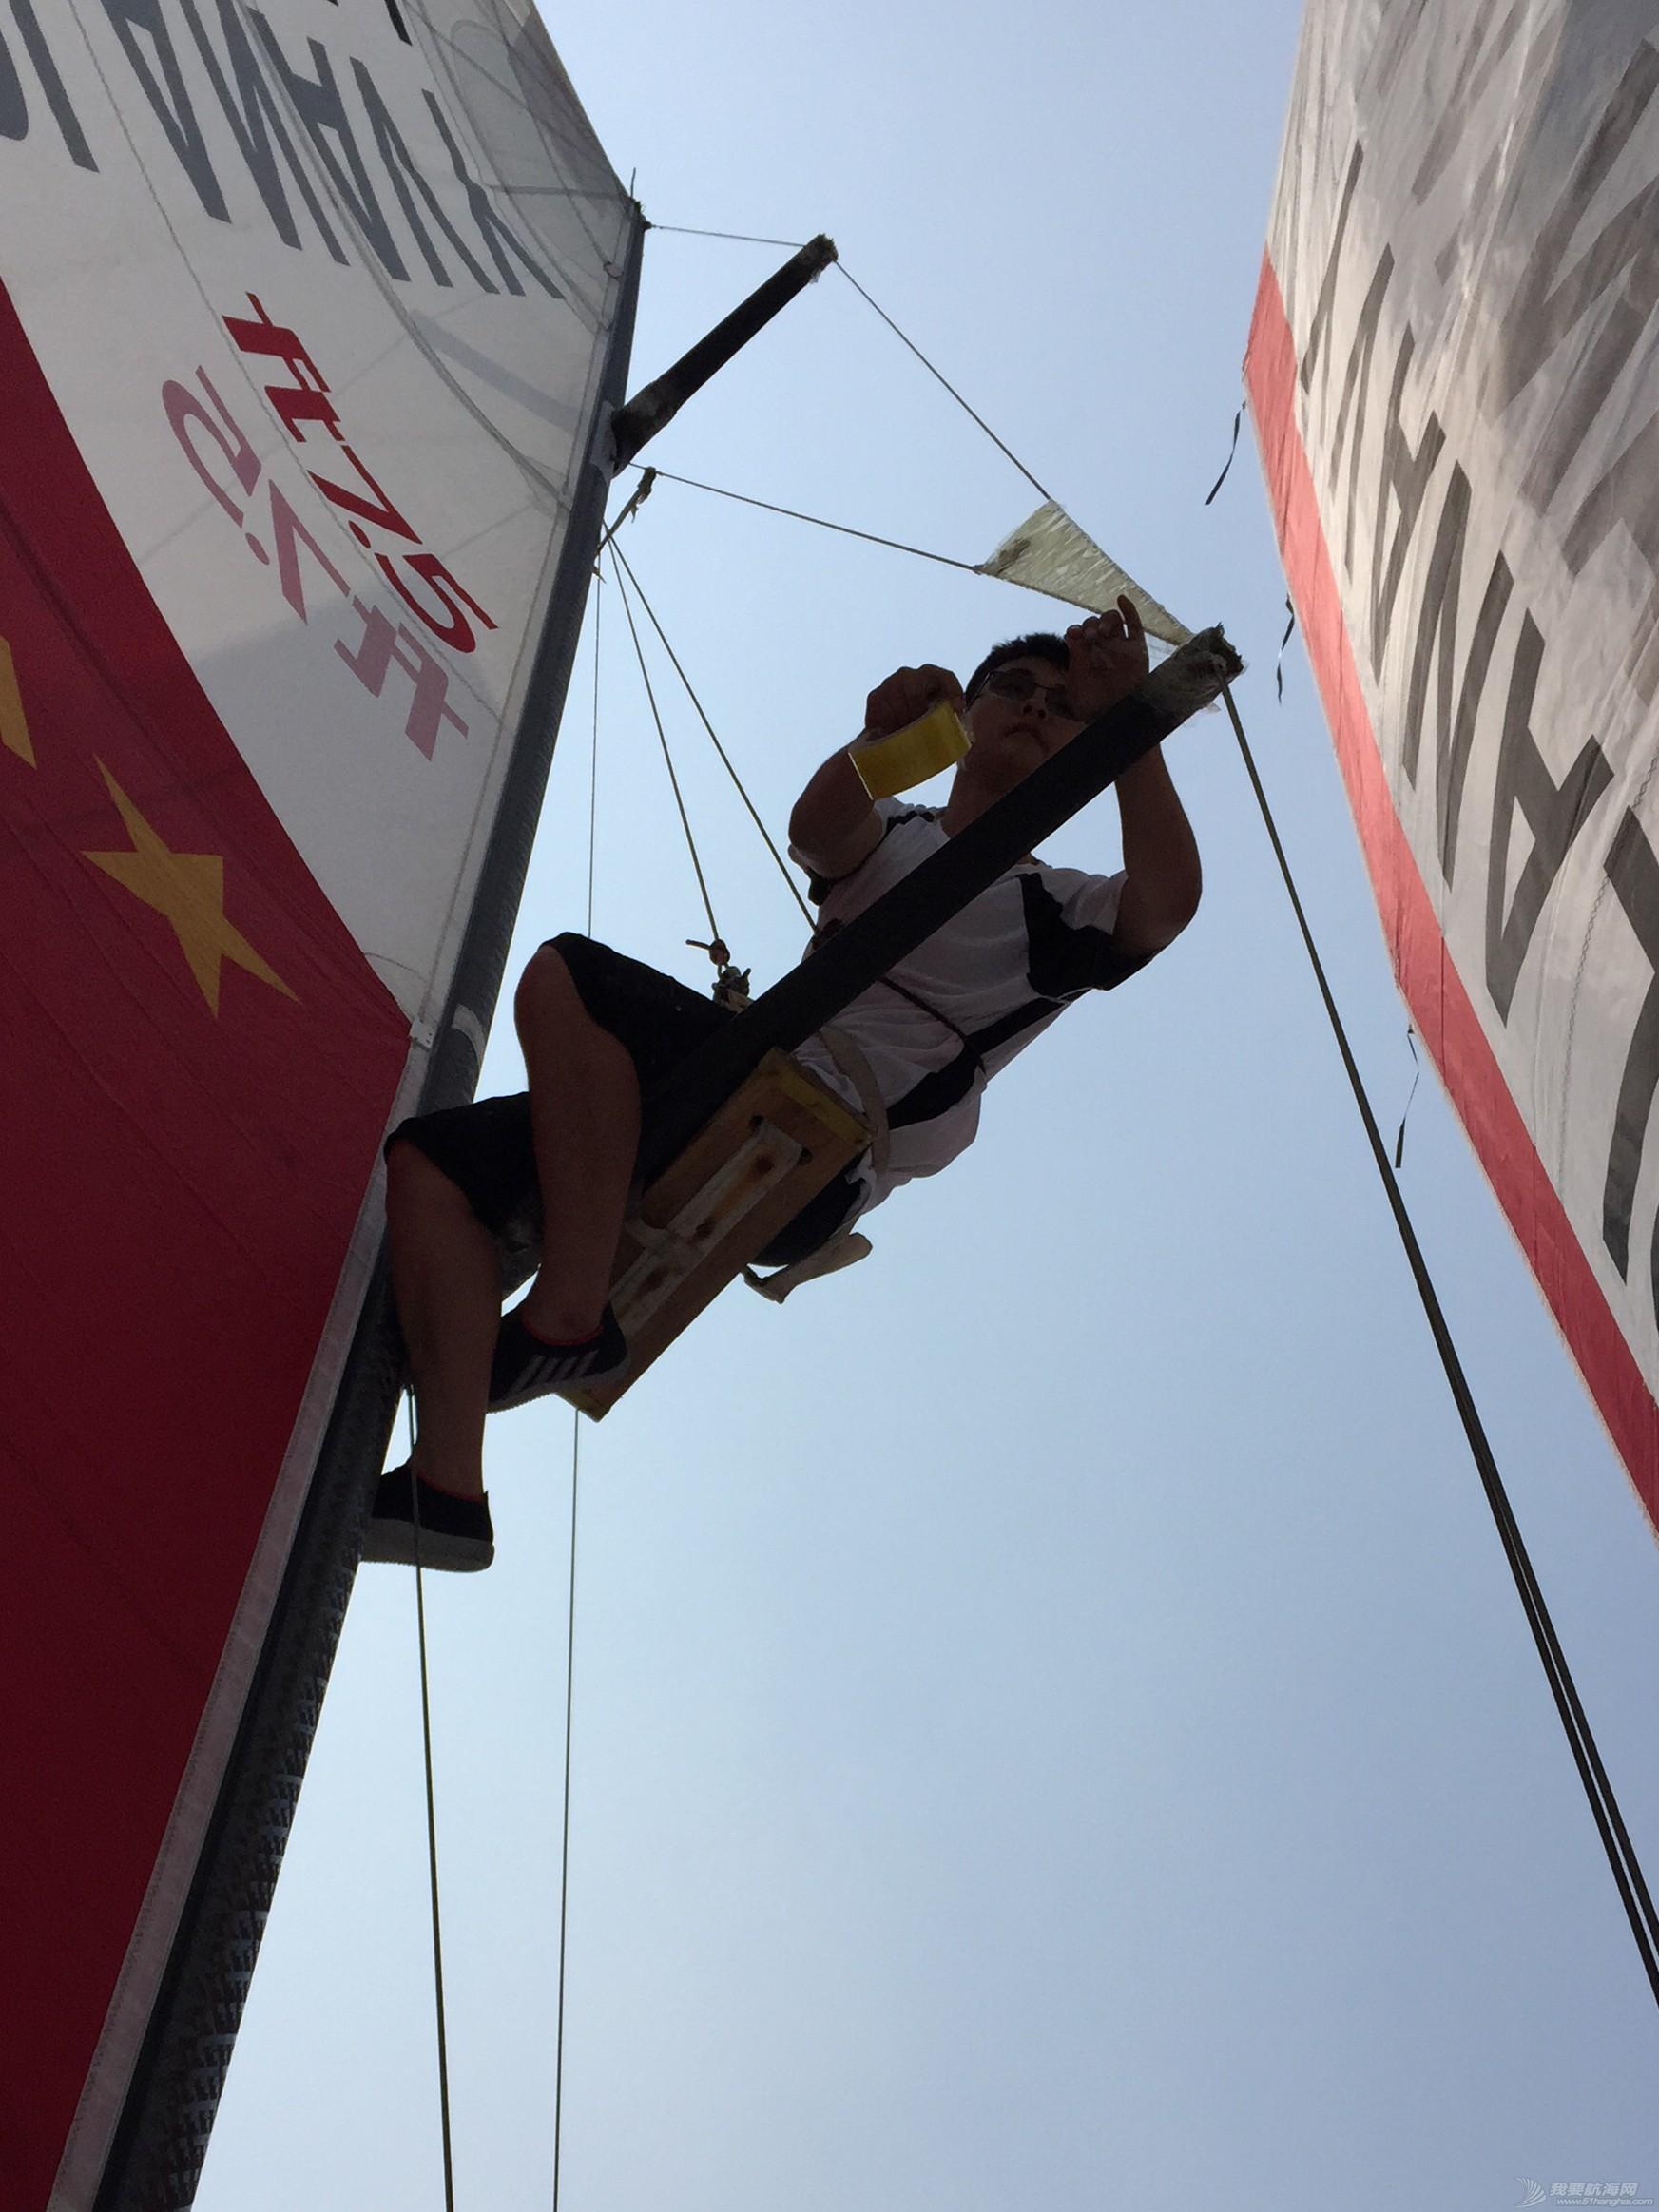 日照,运动员,志愿者,天气,国际 【公益航海志愿者日记@日照】Day31-记威海国际帆船赛第三天-今日运动员报到、练船 7_副本.jpg